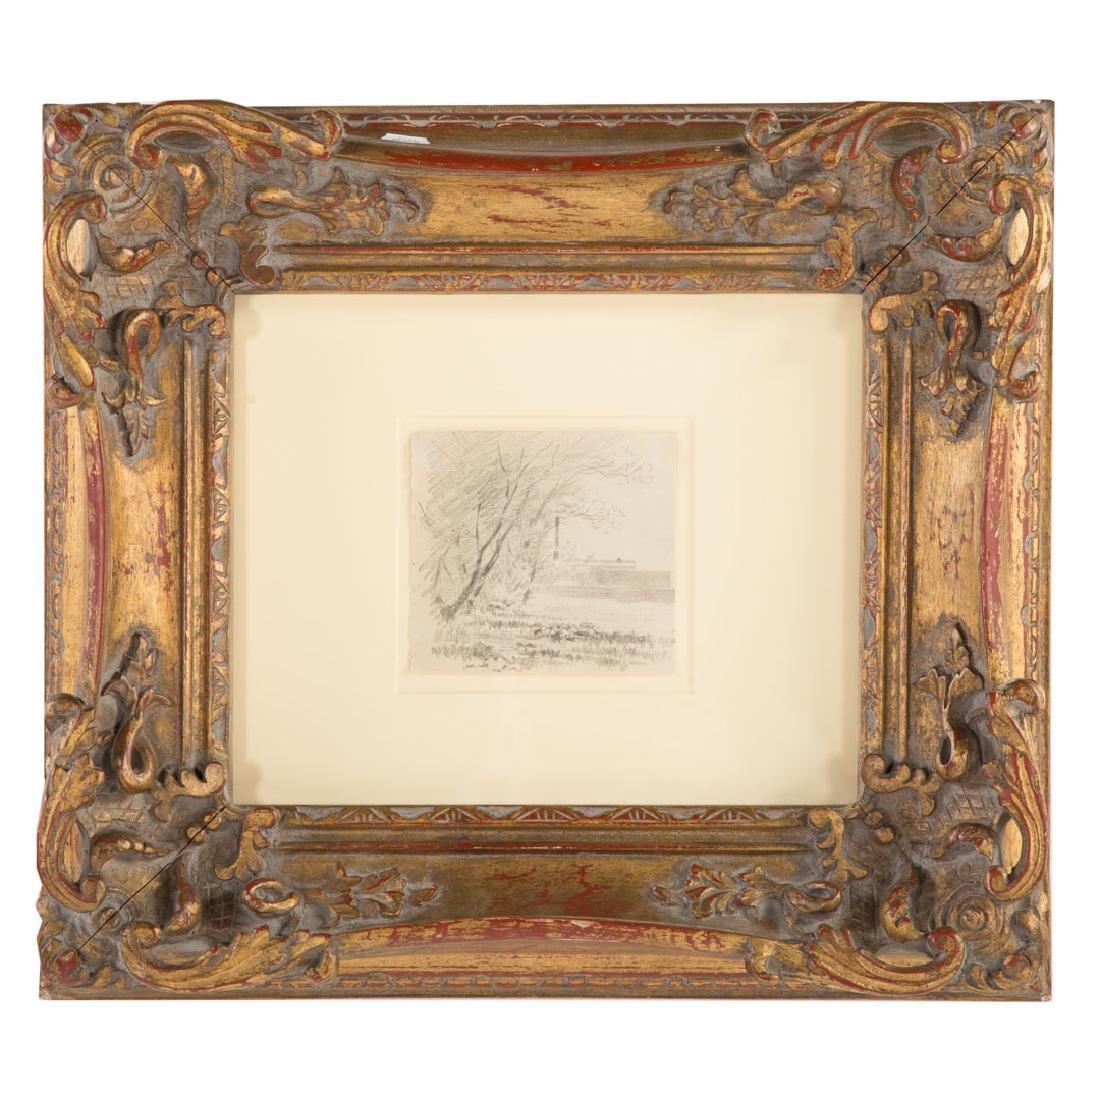 Camille Pissarro. Landscape, graphite